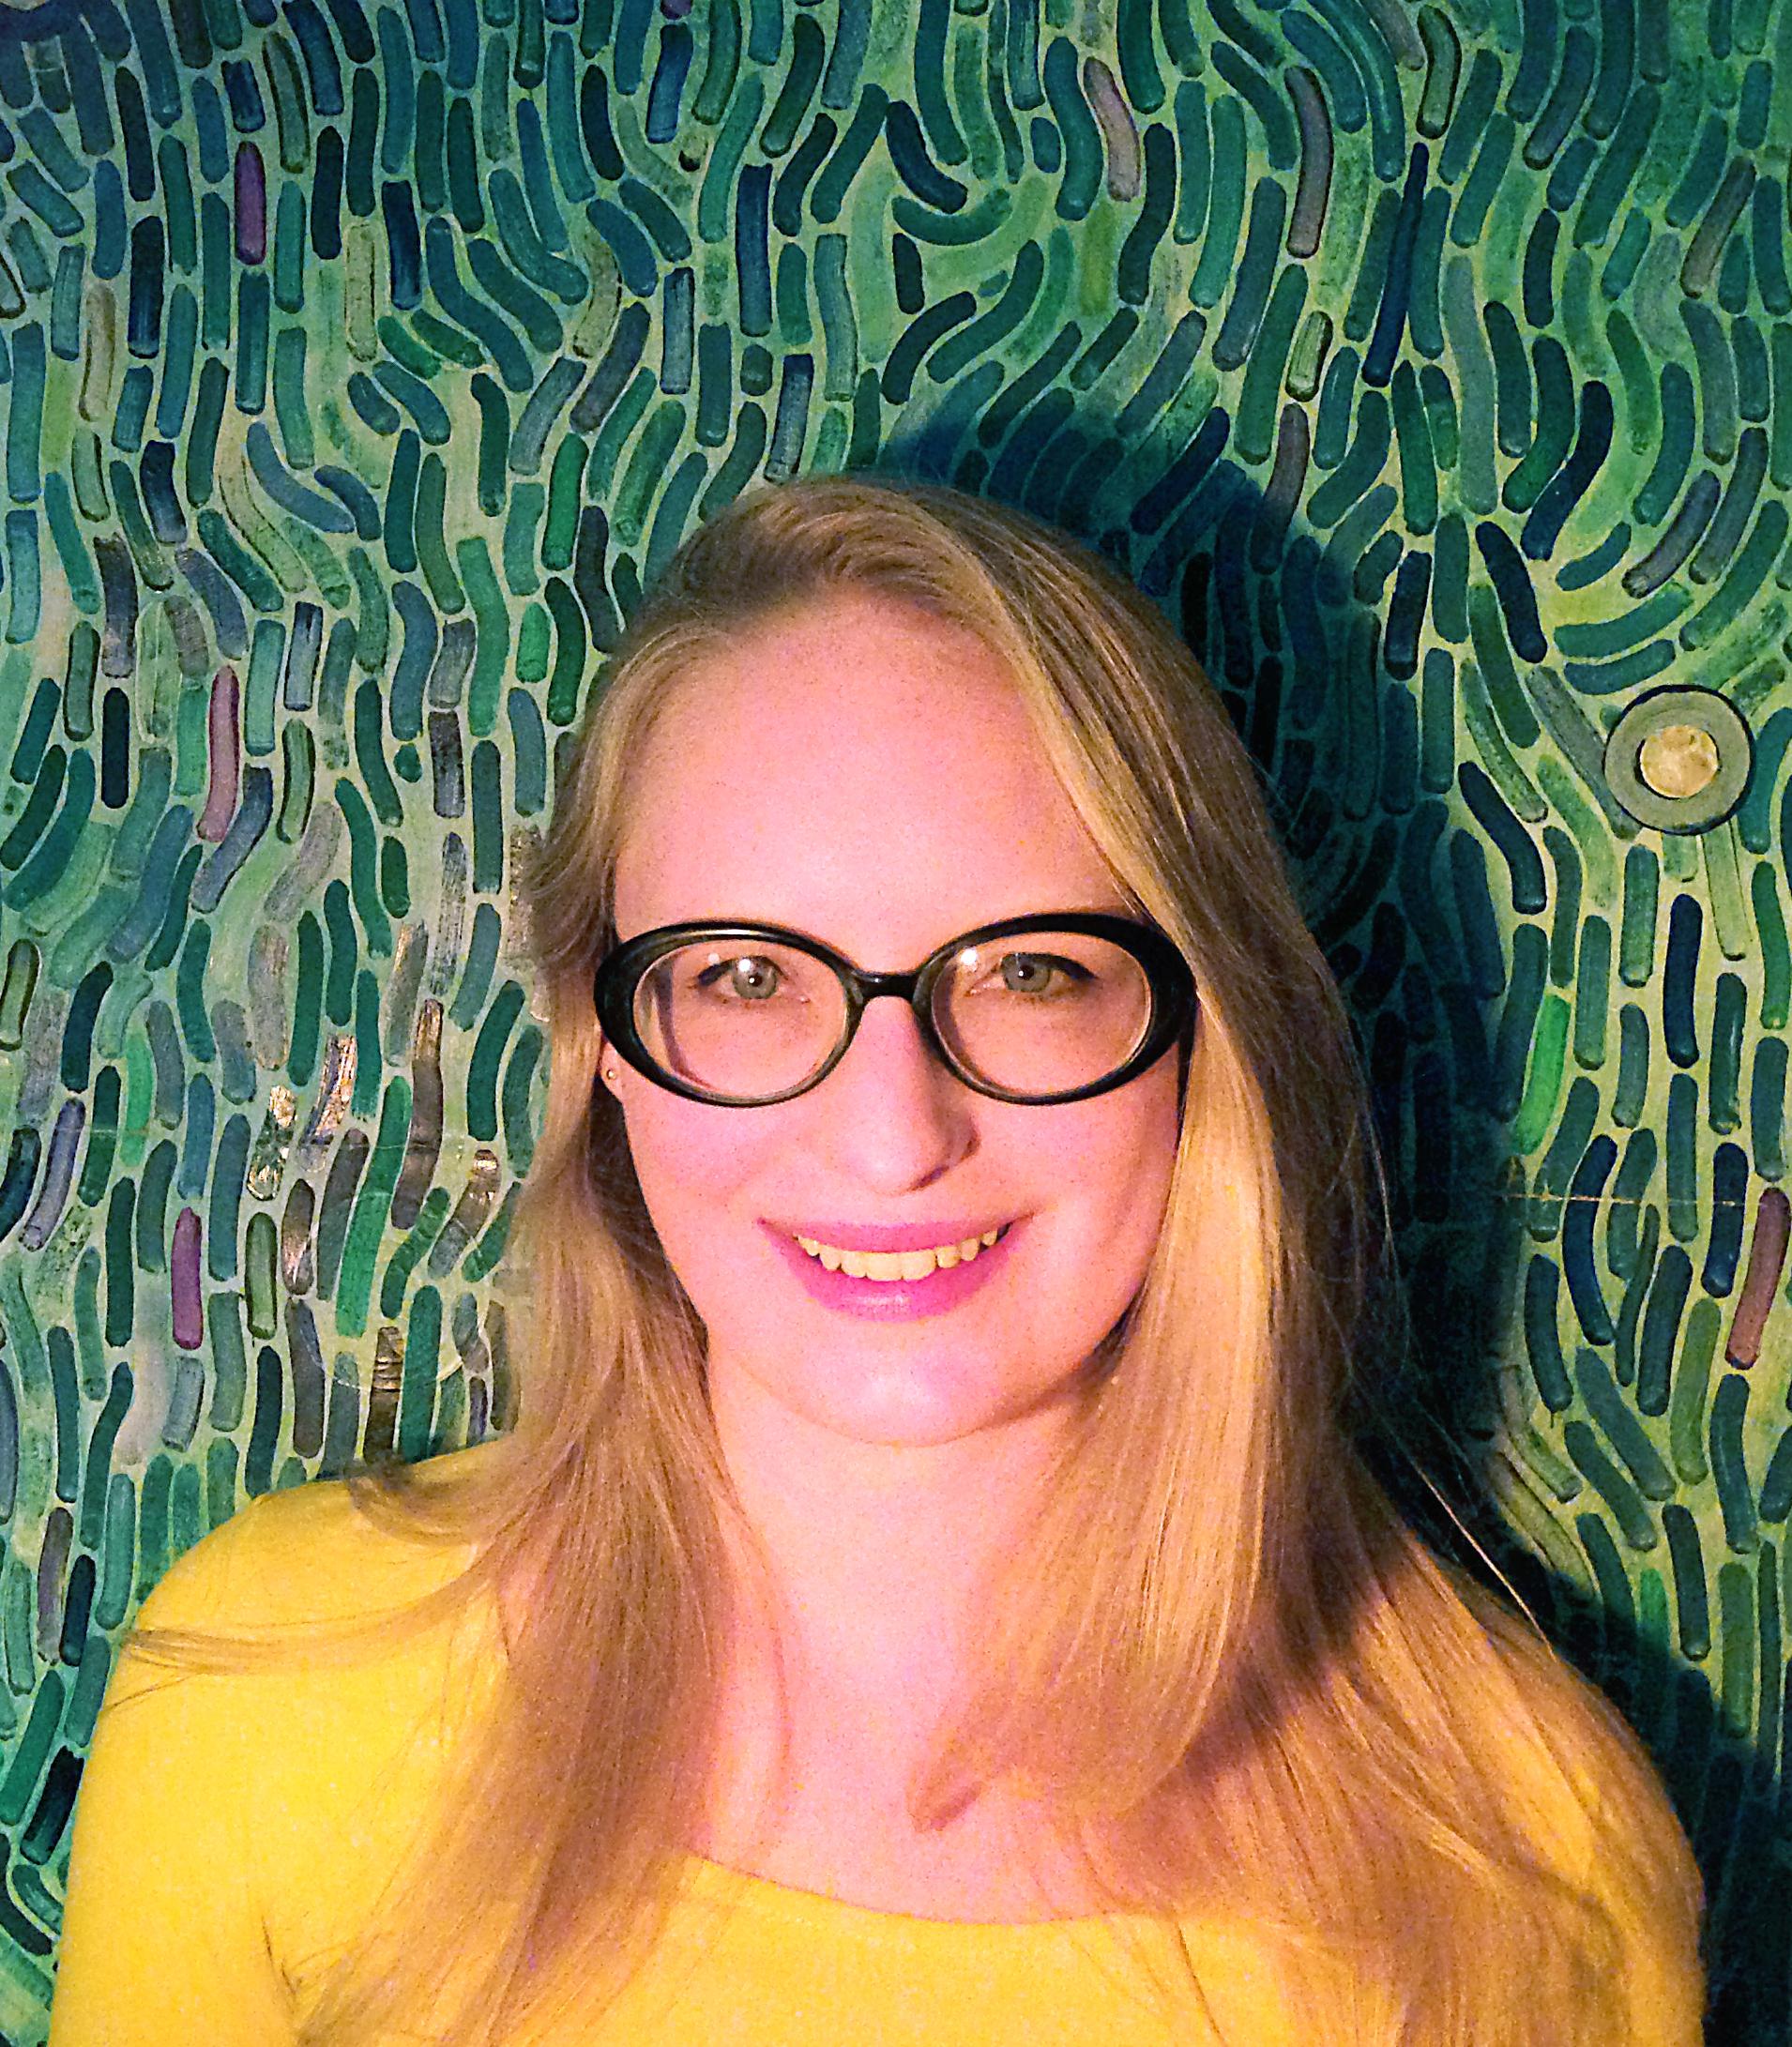 Nora Winstanley